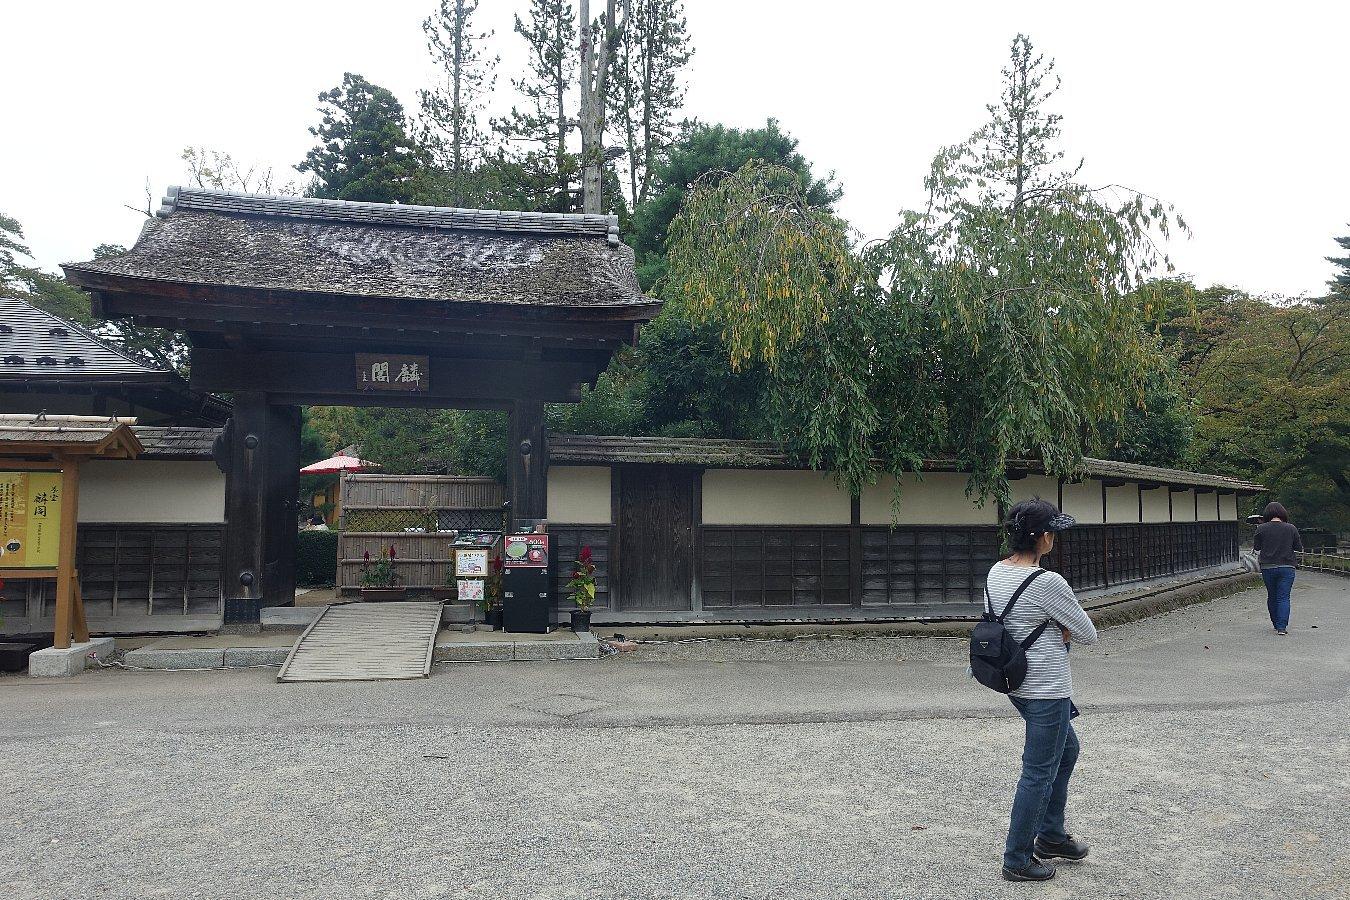 鶴ヶ城公園 茶室「麟閣」_c0112559_08283538.jpg